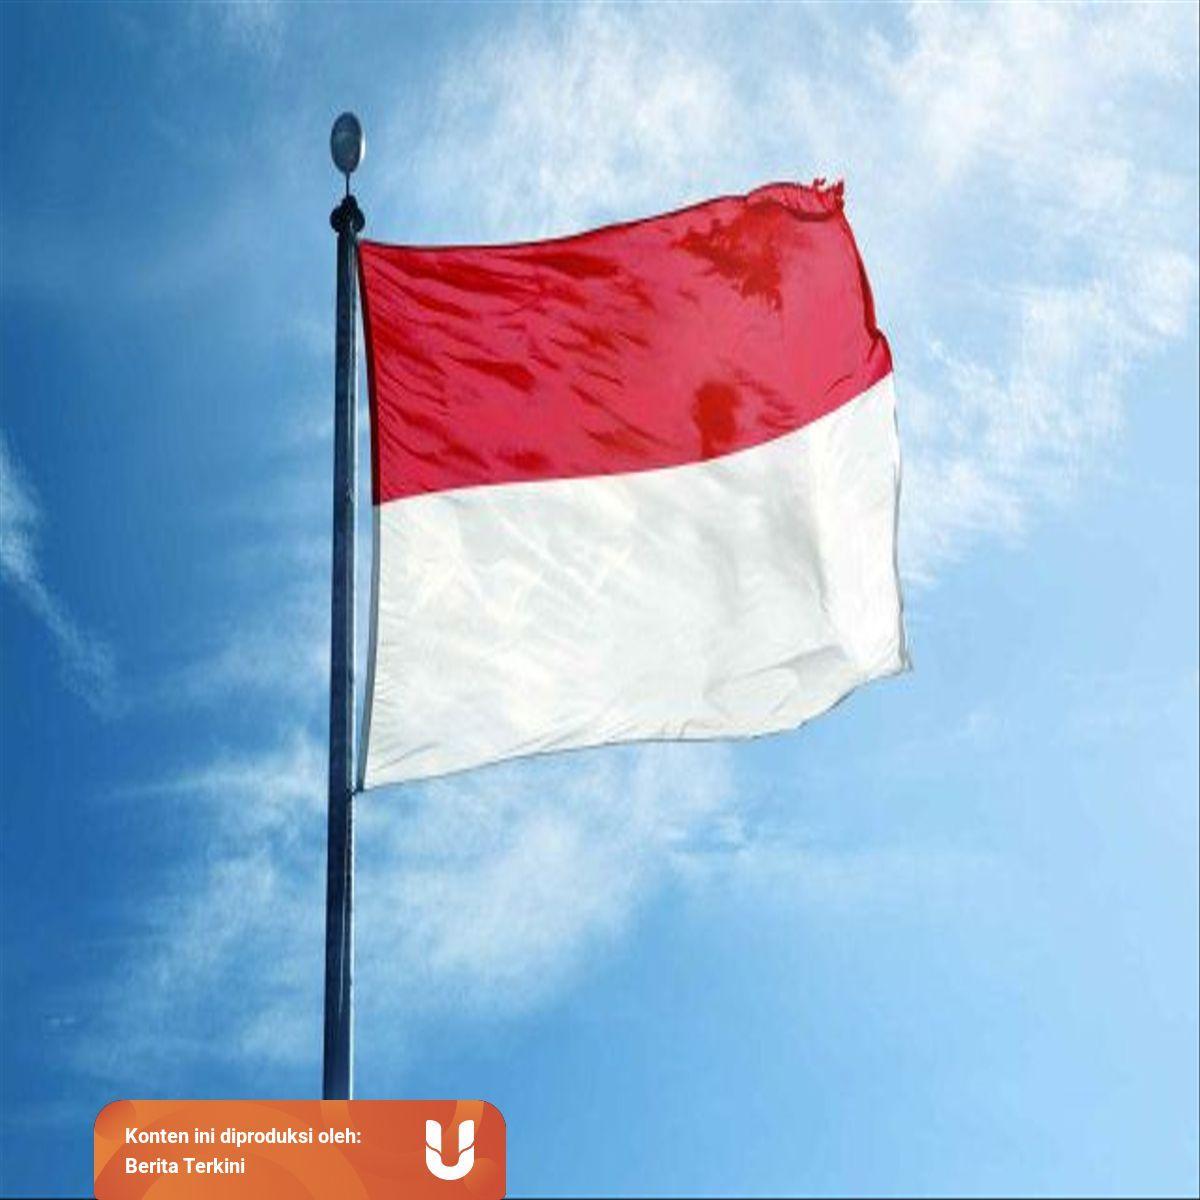 Lirik Lagu Indonesia Raya Asli Jarang Ada Yang Tahu Kumparan Com